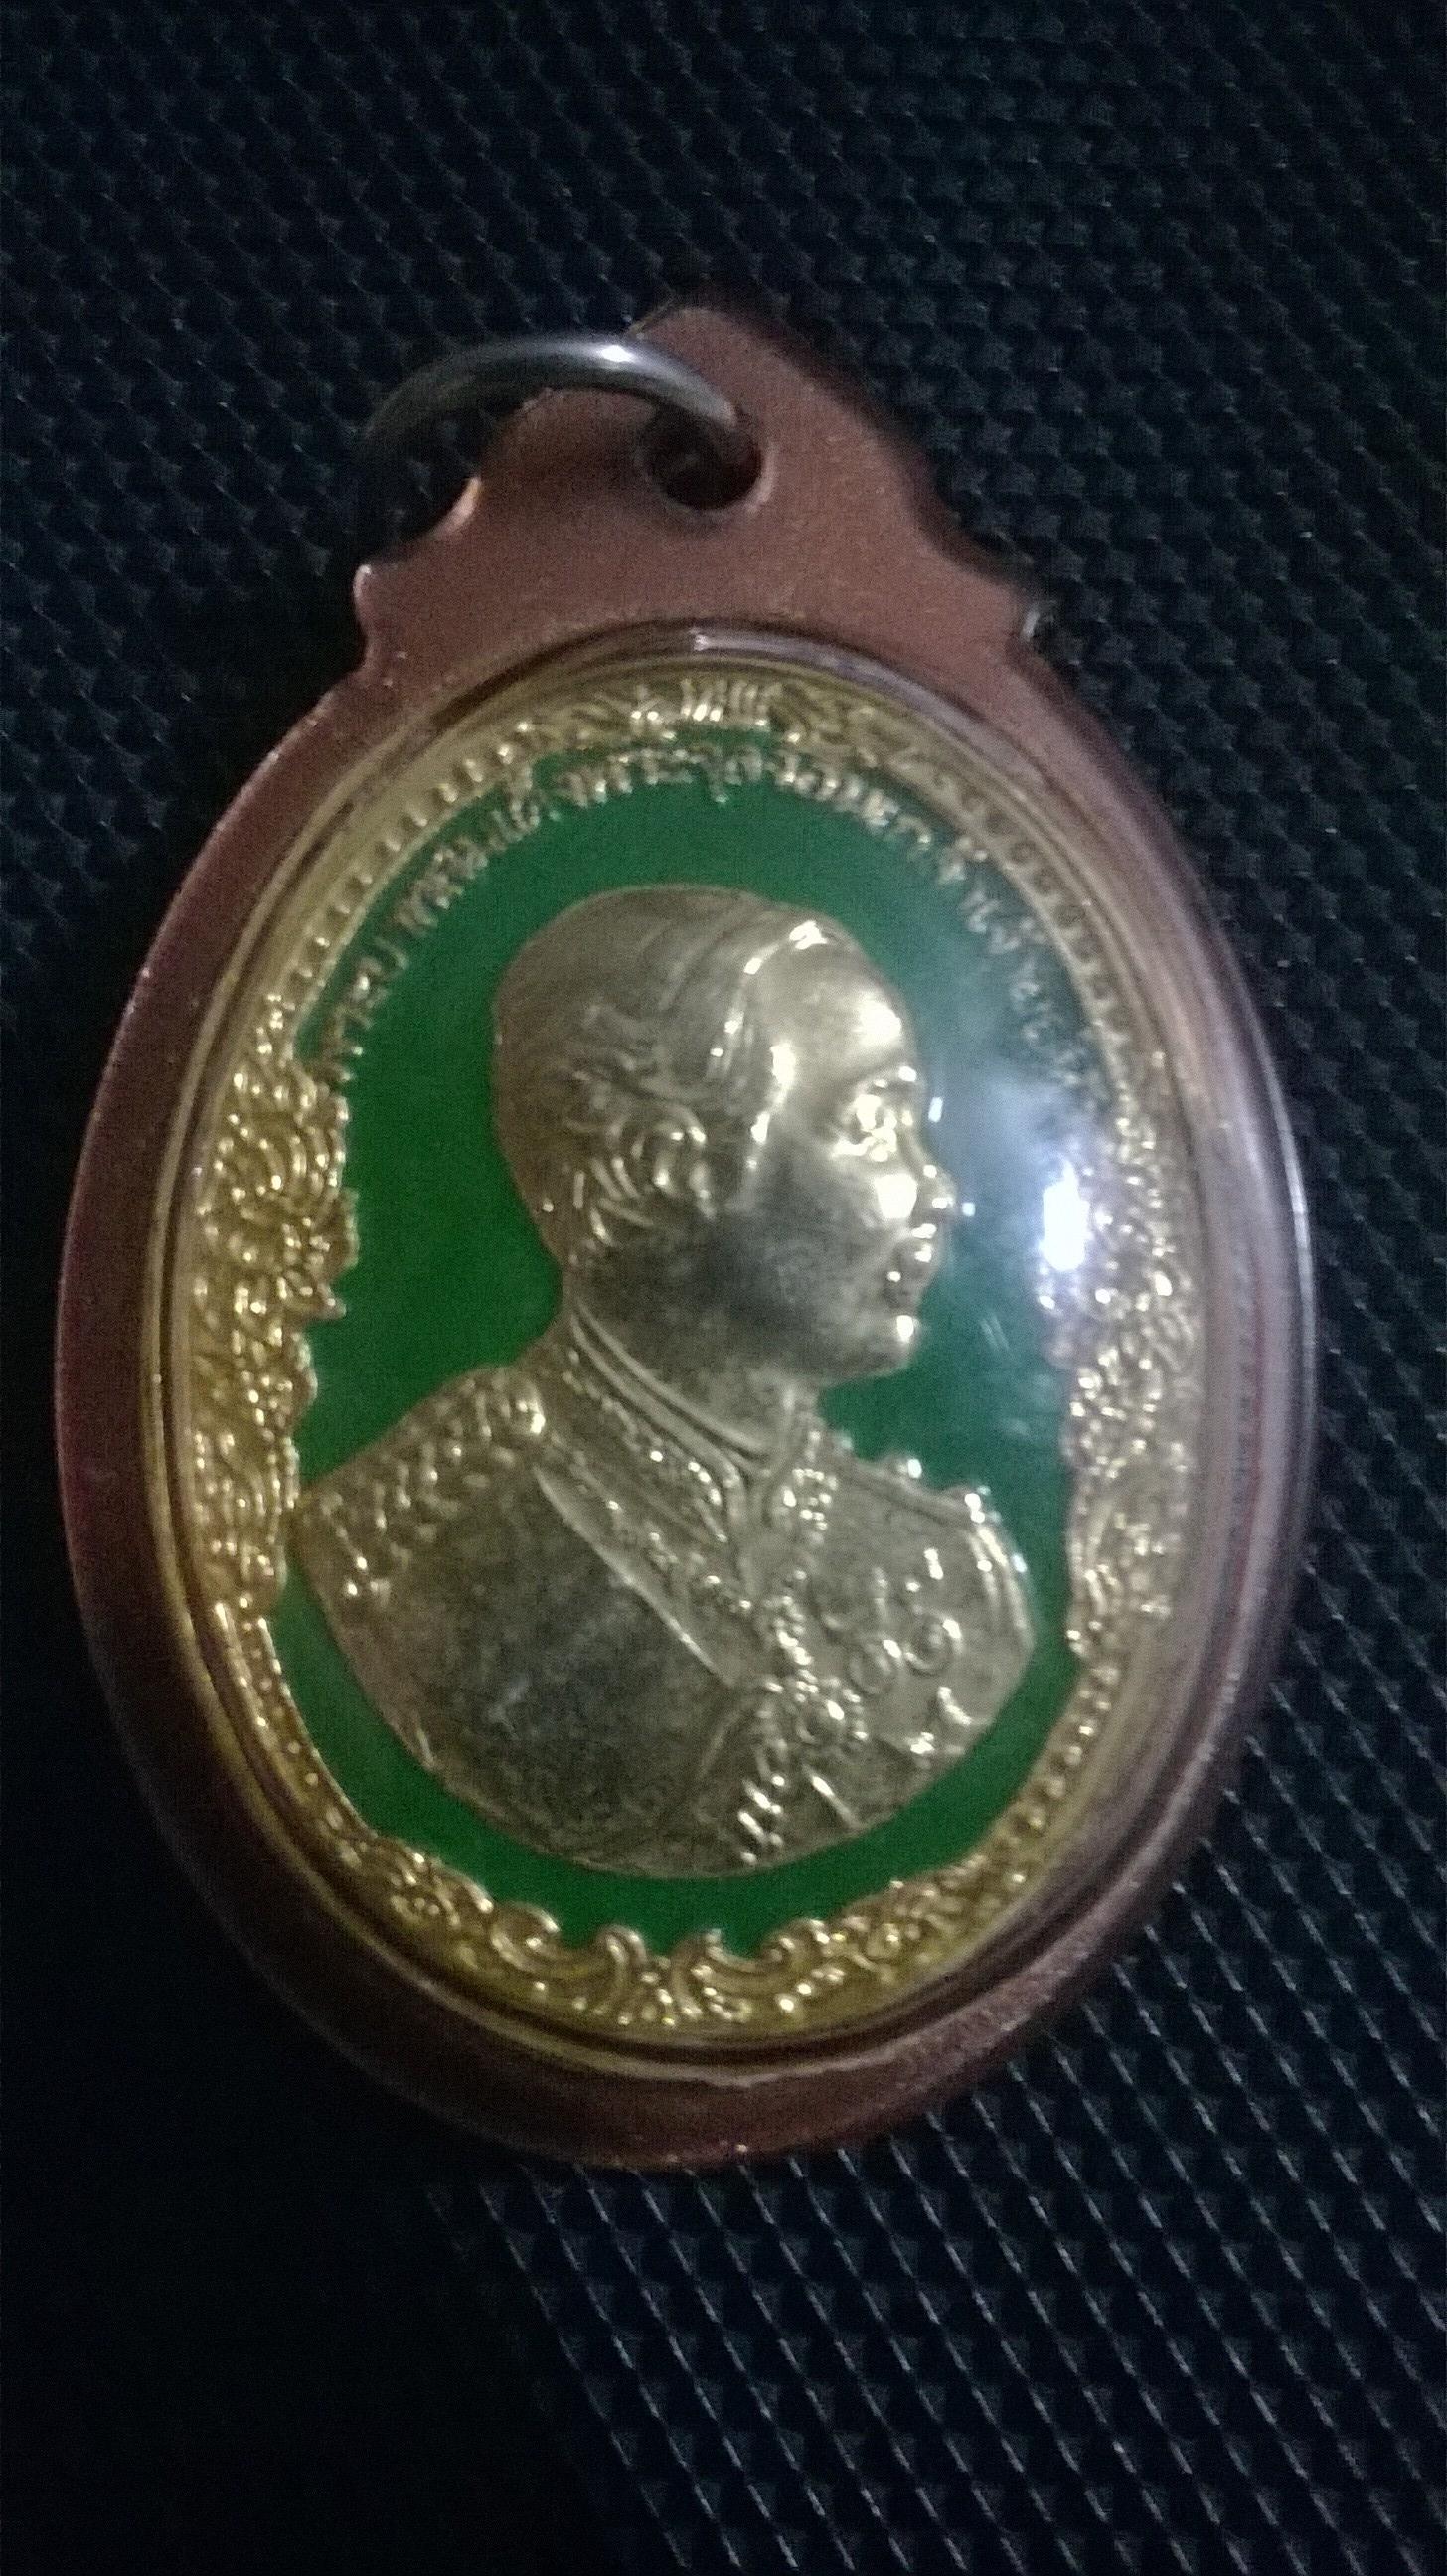 เหรียญ ร.๕ กะหรั่ยทองลงยา หลวงพ่อเกษม สมเด็จพุฒธาจารย์เกี่ยวเสก